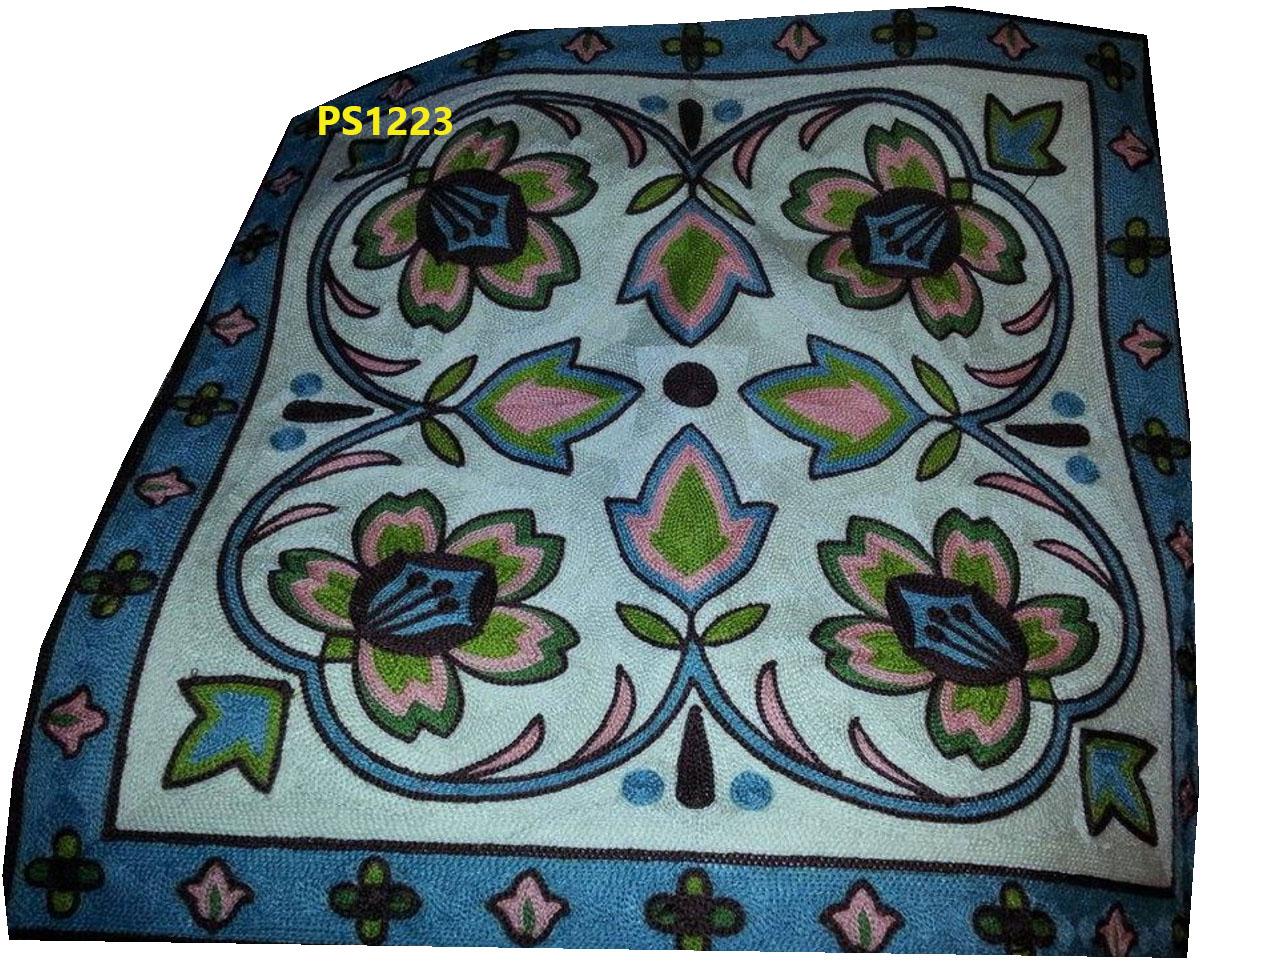 Cushion Cover 1223